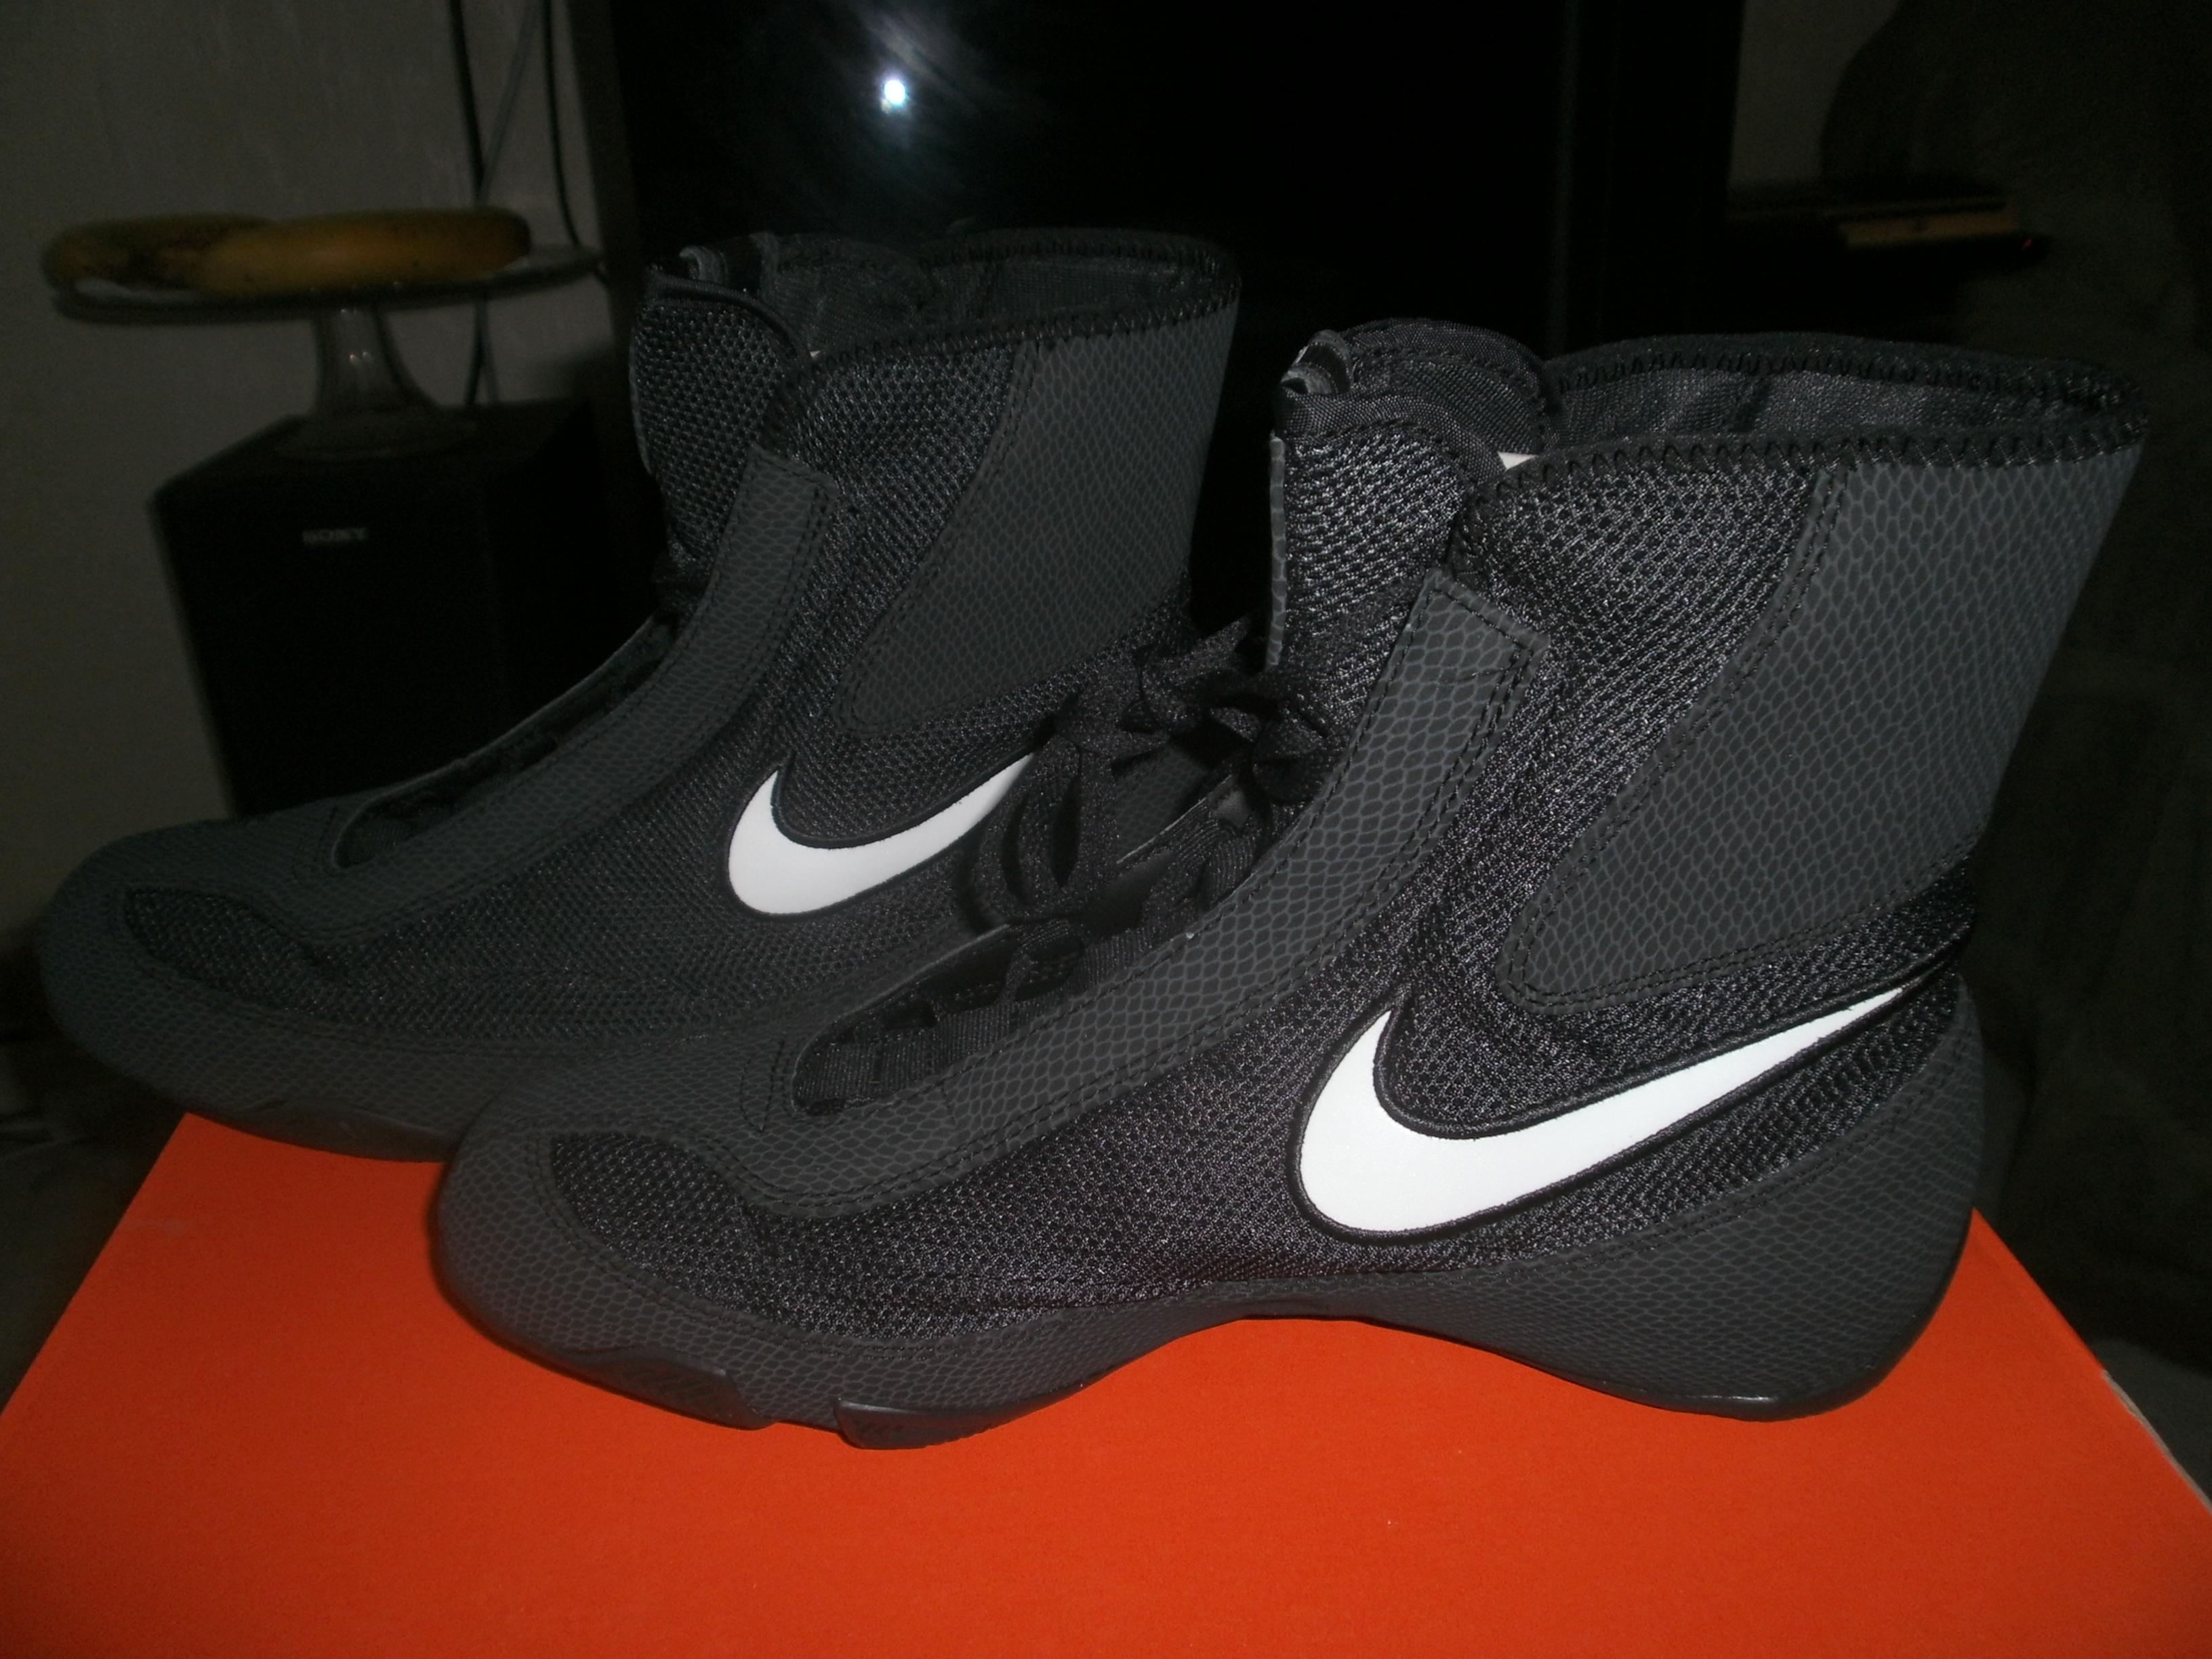 Nike Machomai Boxe Noir Argent Basket Hyperko chaussures Boxe De jqzGUMpSVL